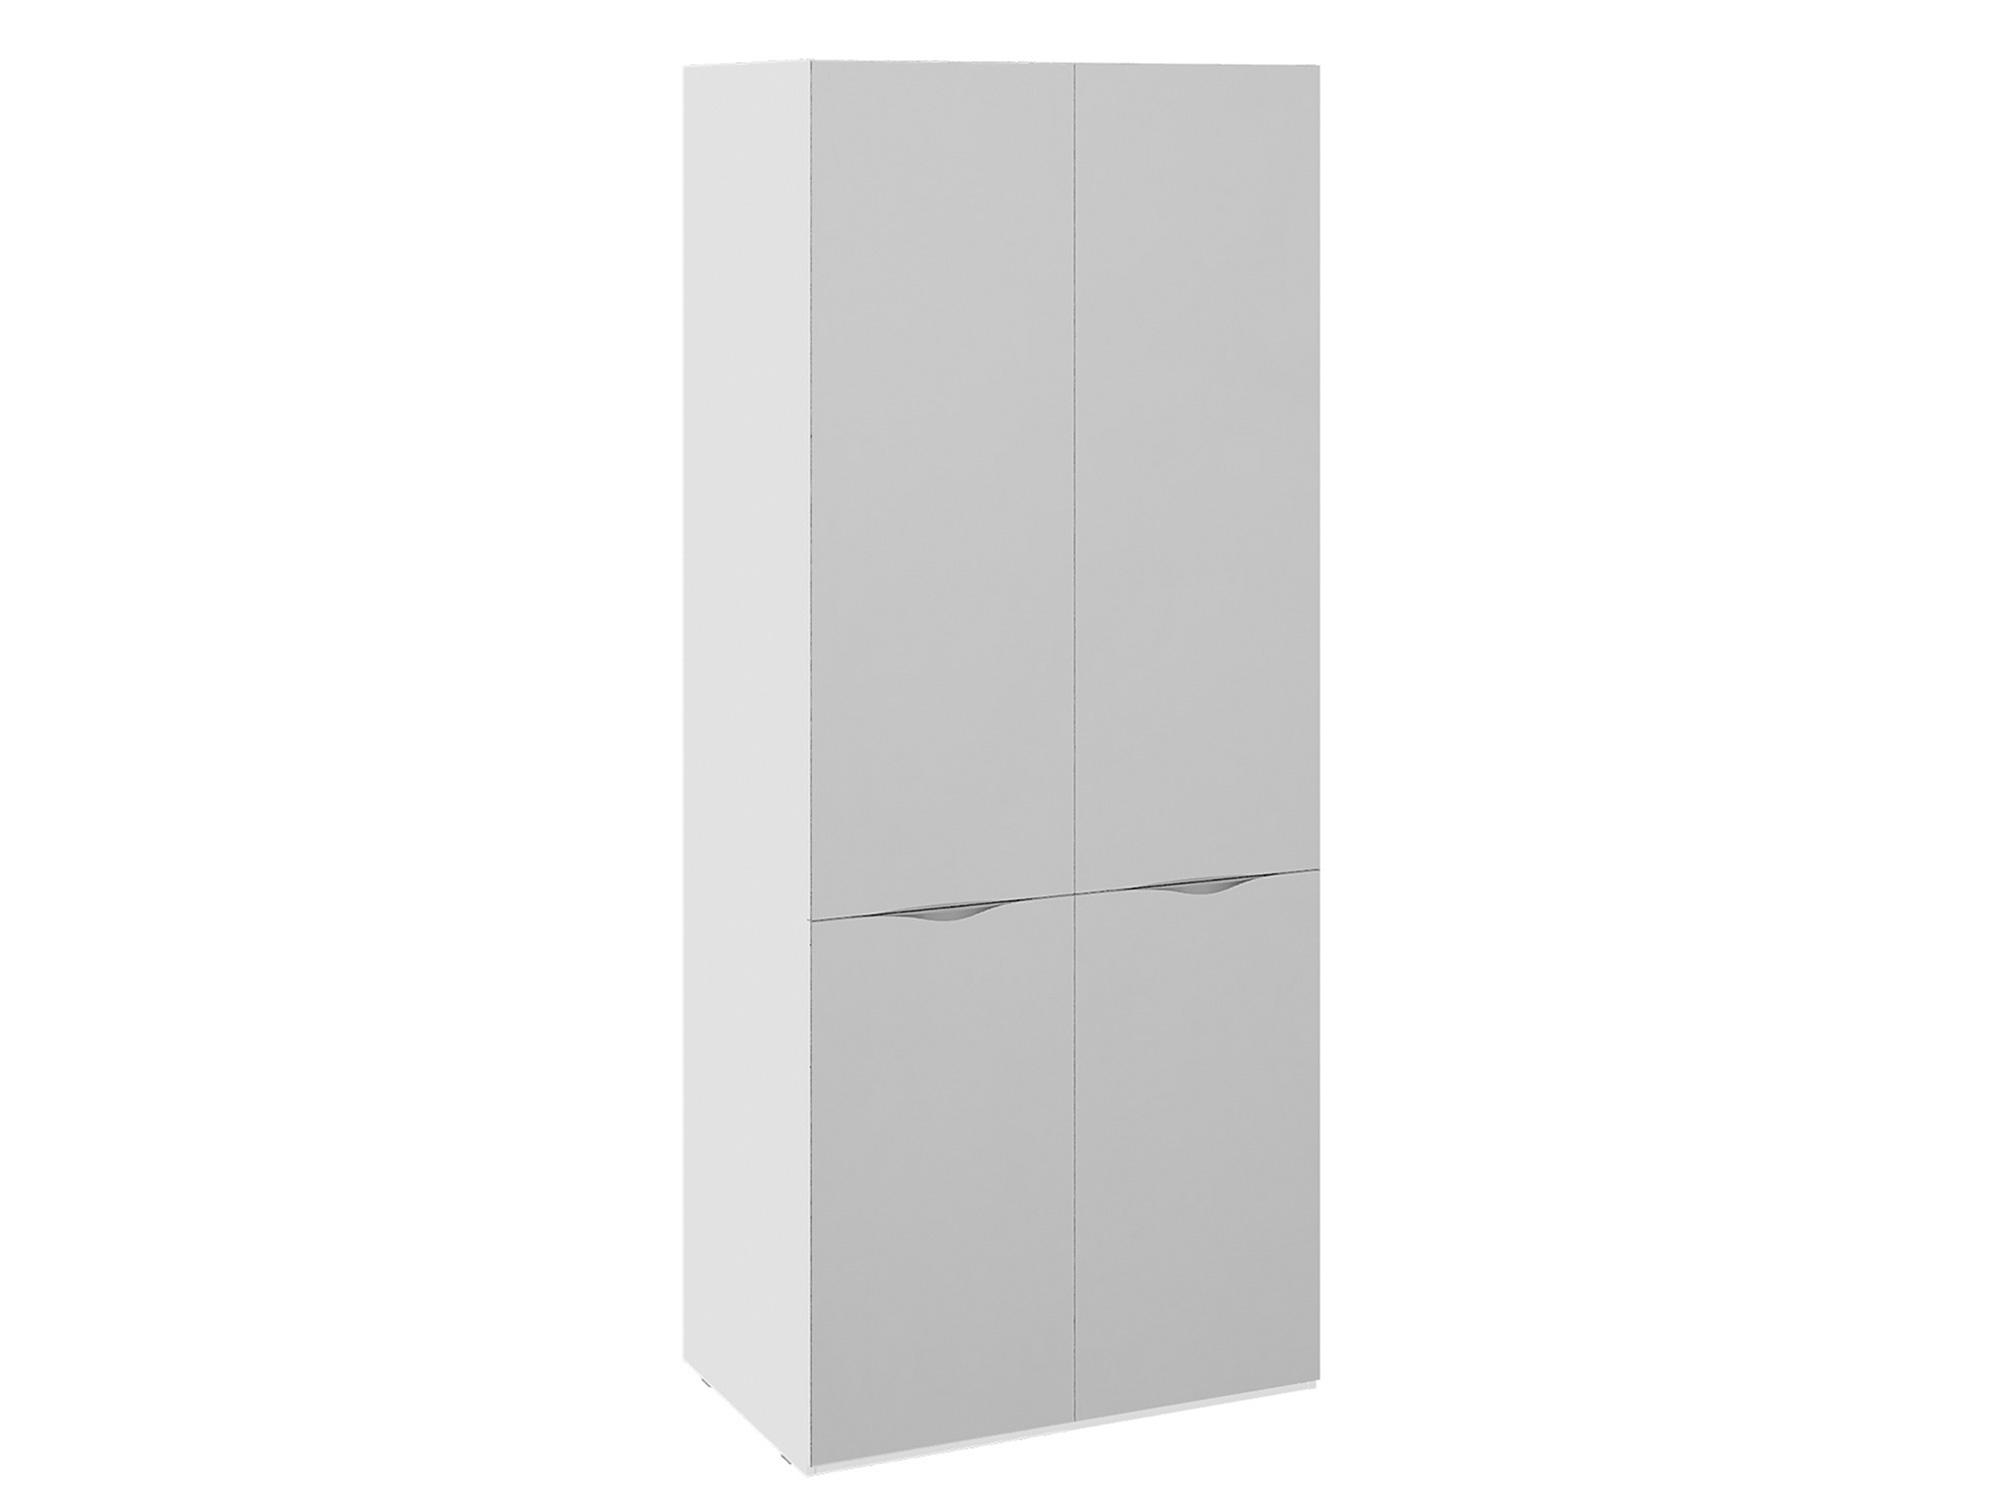 Шкаф для одежды с 2 зеркальными дверями Глосс Белый глянец, шкаф для одежды с 2 мя зеркальными дверями ривьера белый мдф